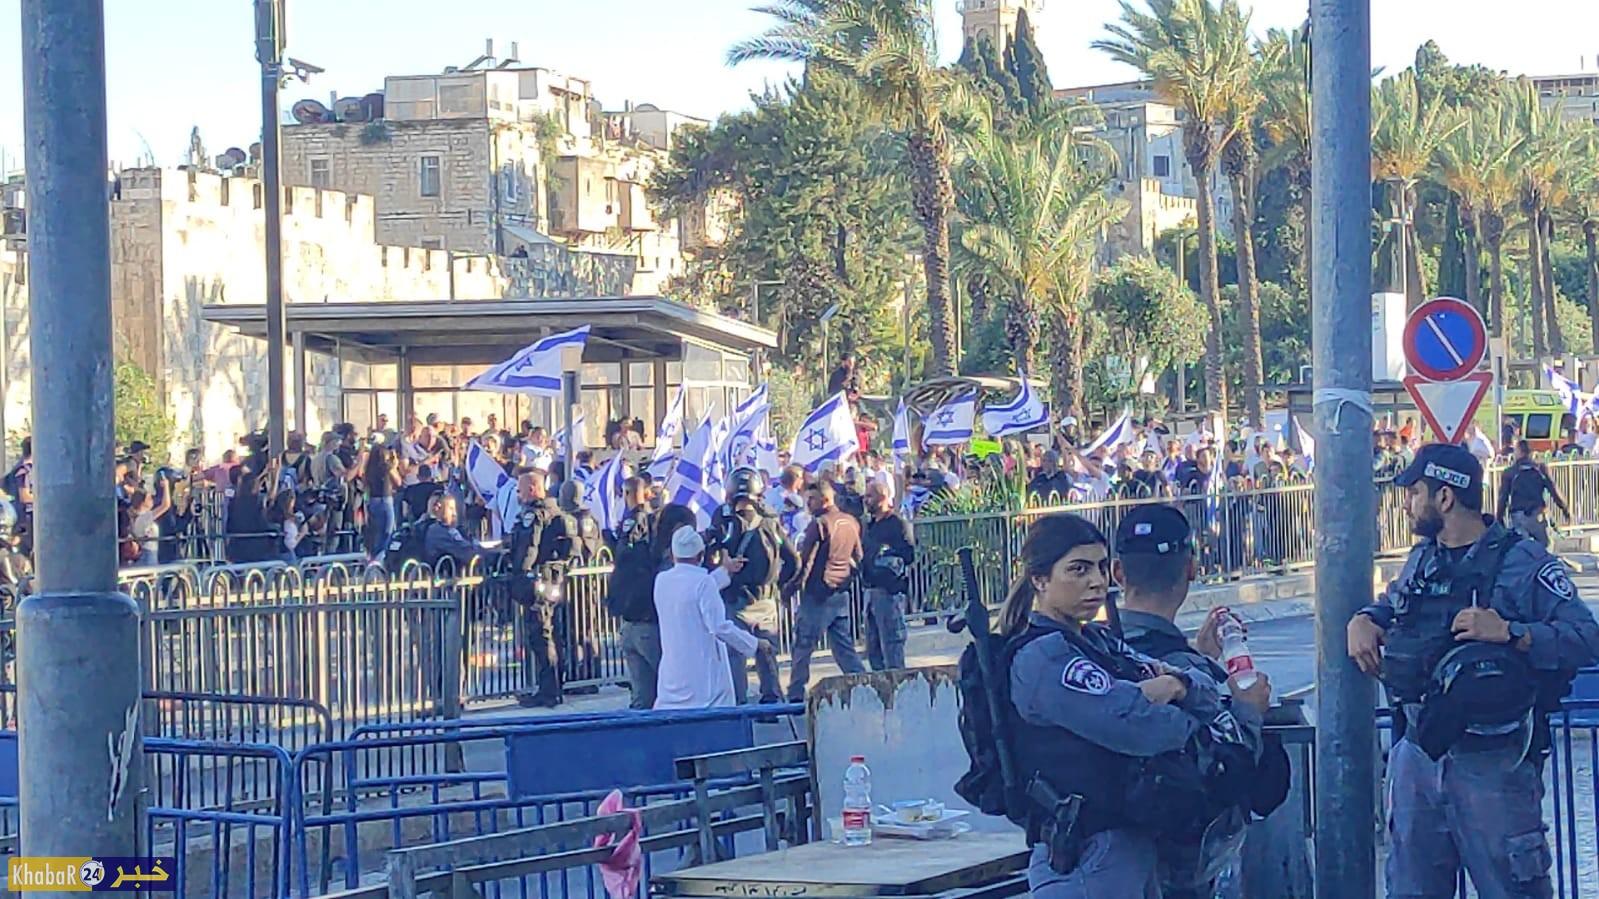 إصابة 33 مواطنا بالرصاص المعدني والعشرات بالاعتداء بالهراوات واعتقال 10 آخرين في القدس